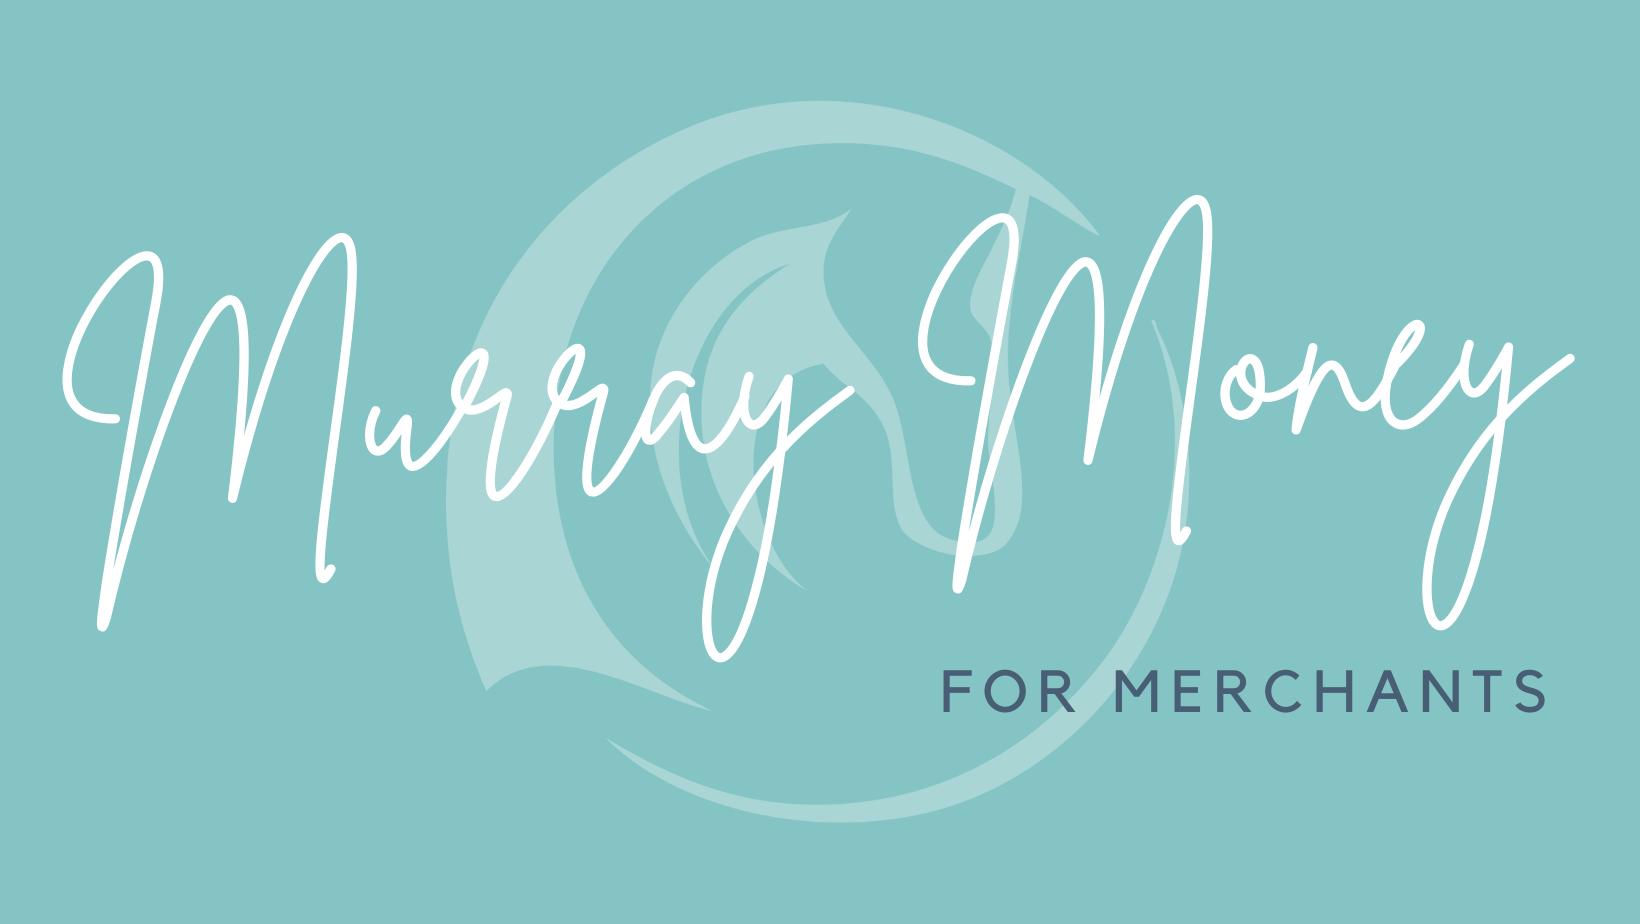 for merchants